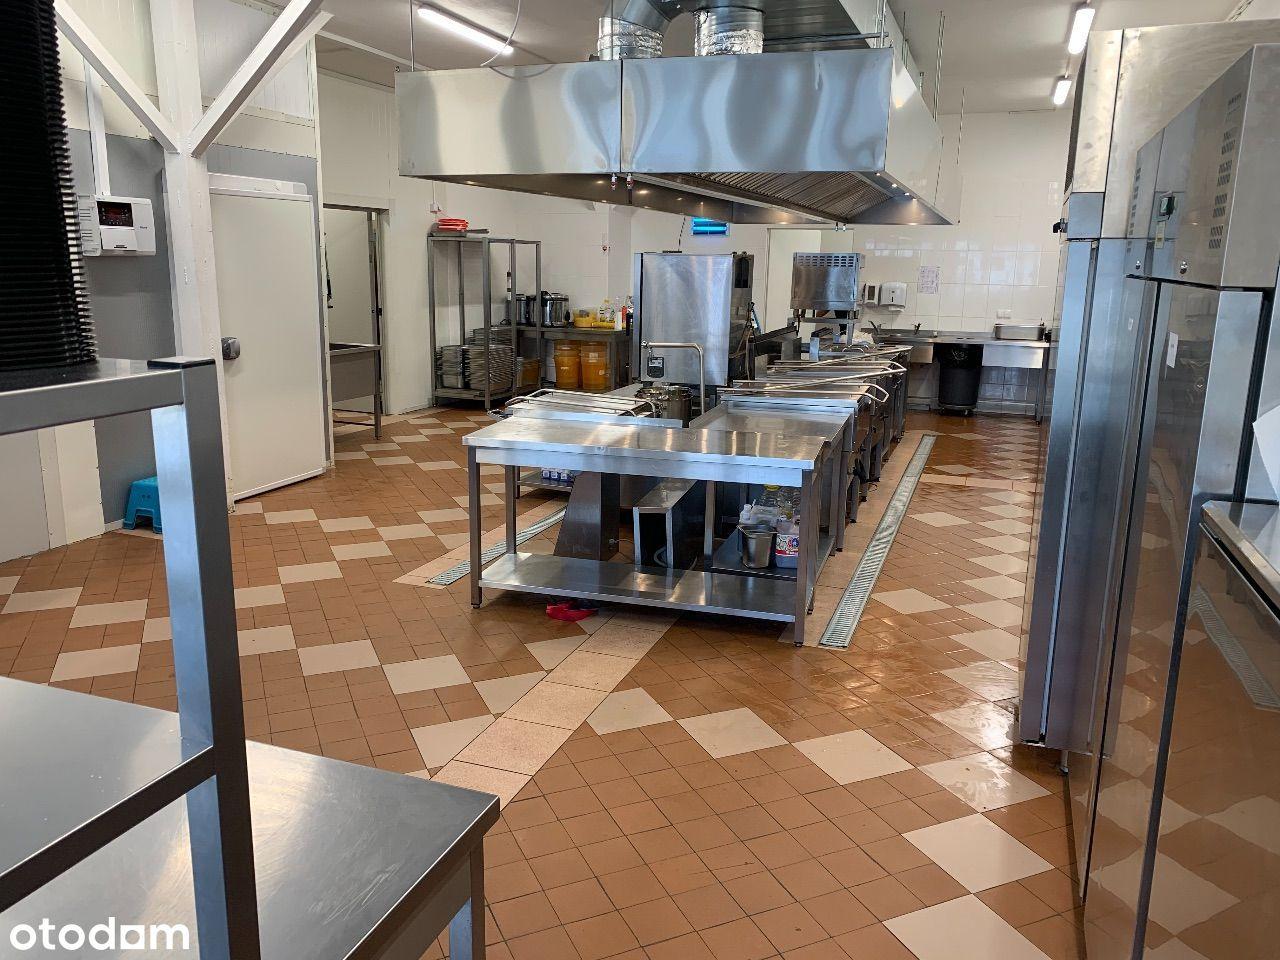 Kuchnia produkcyjna / cateringowa - 510m2, Kobyłka